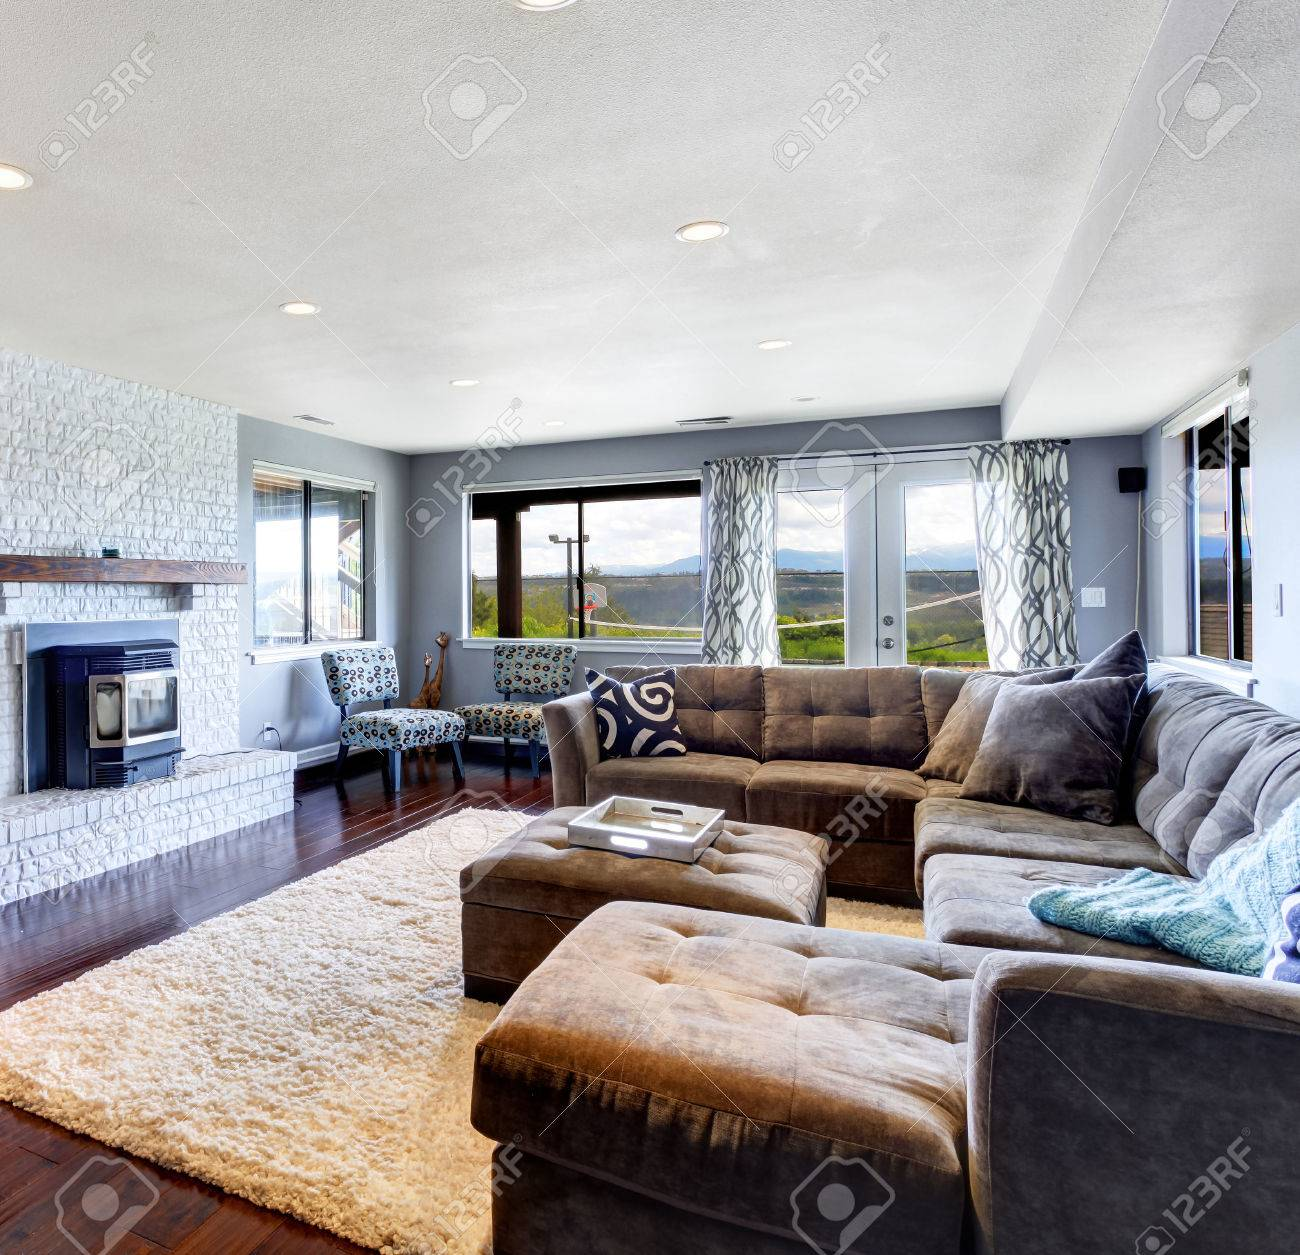 Wohnzimmer Mit Großen, Komfortablen Sofa, Weichen Teppich Elfenbein ...